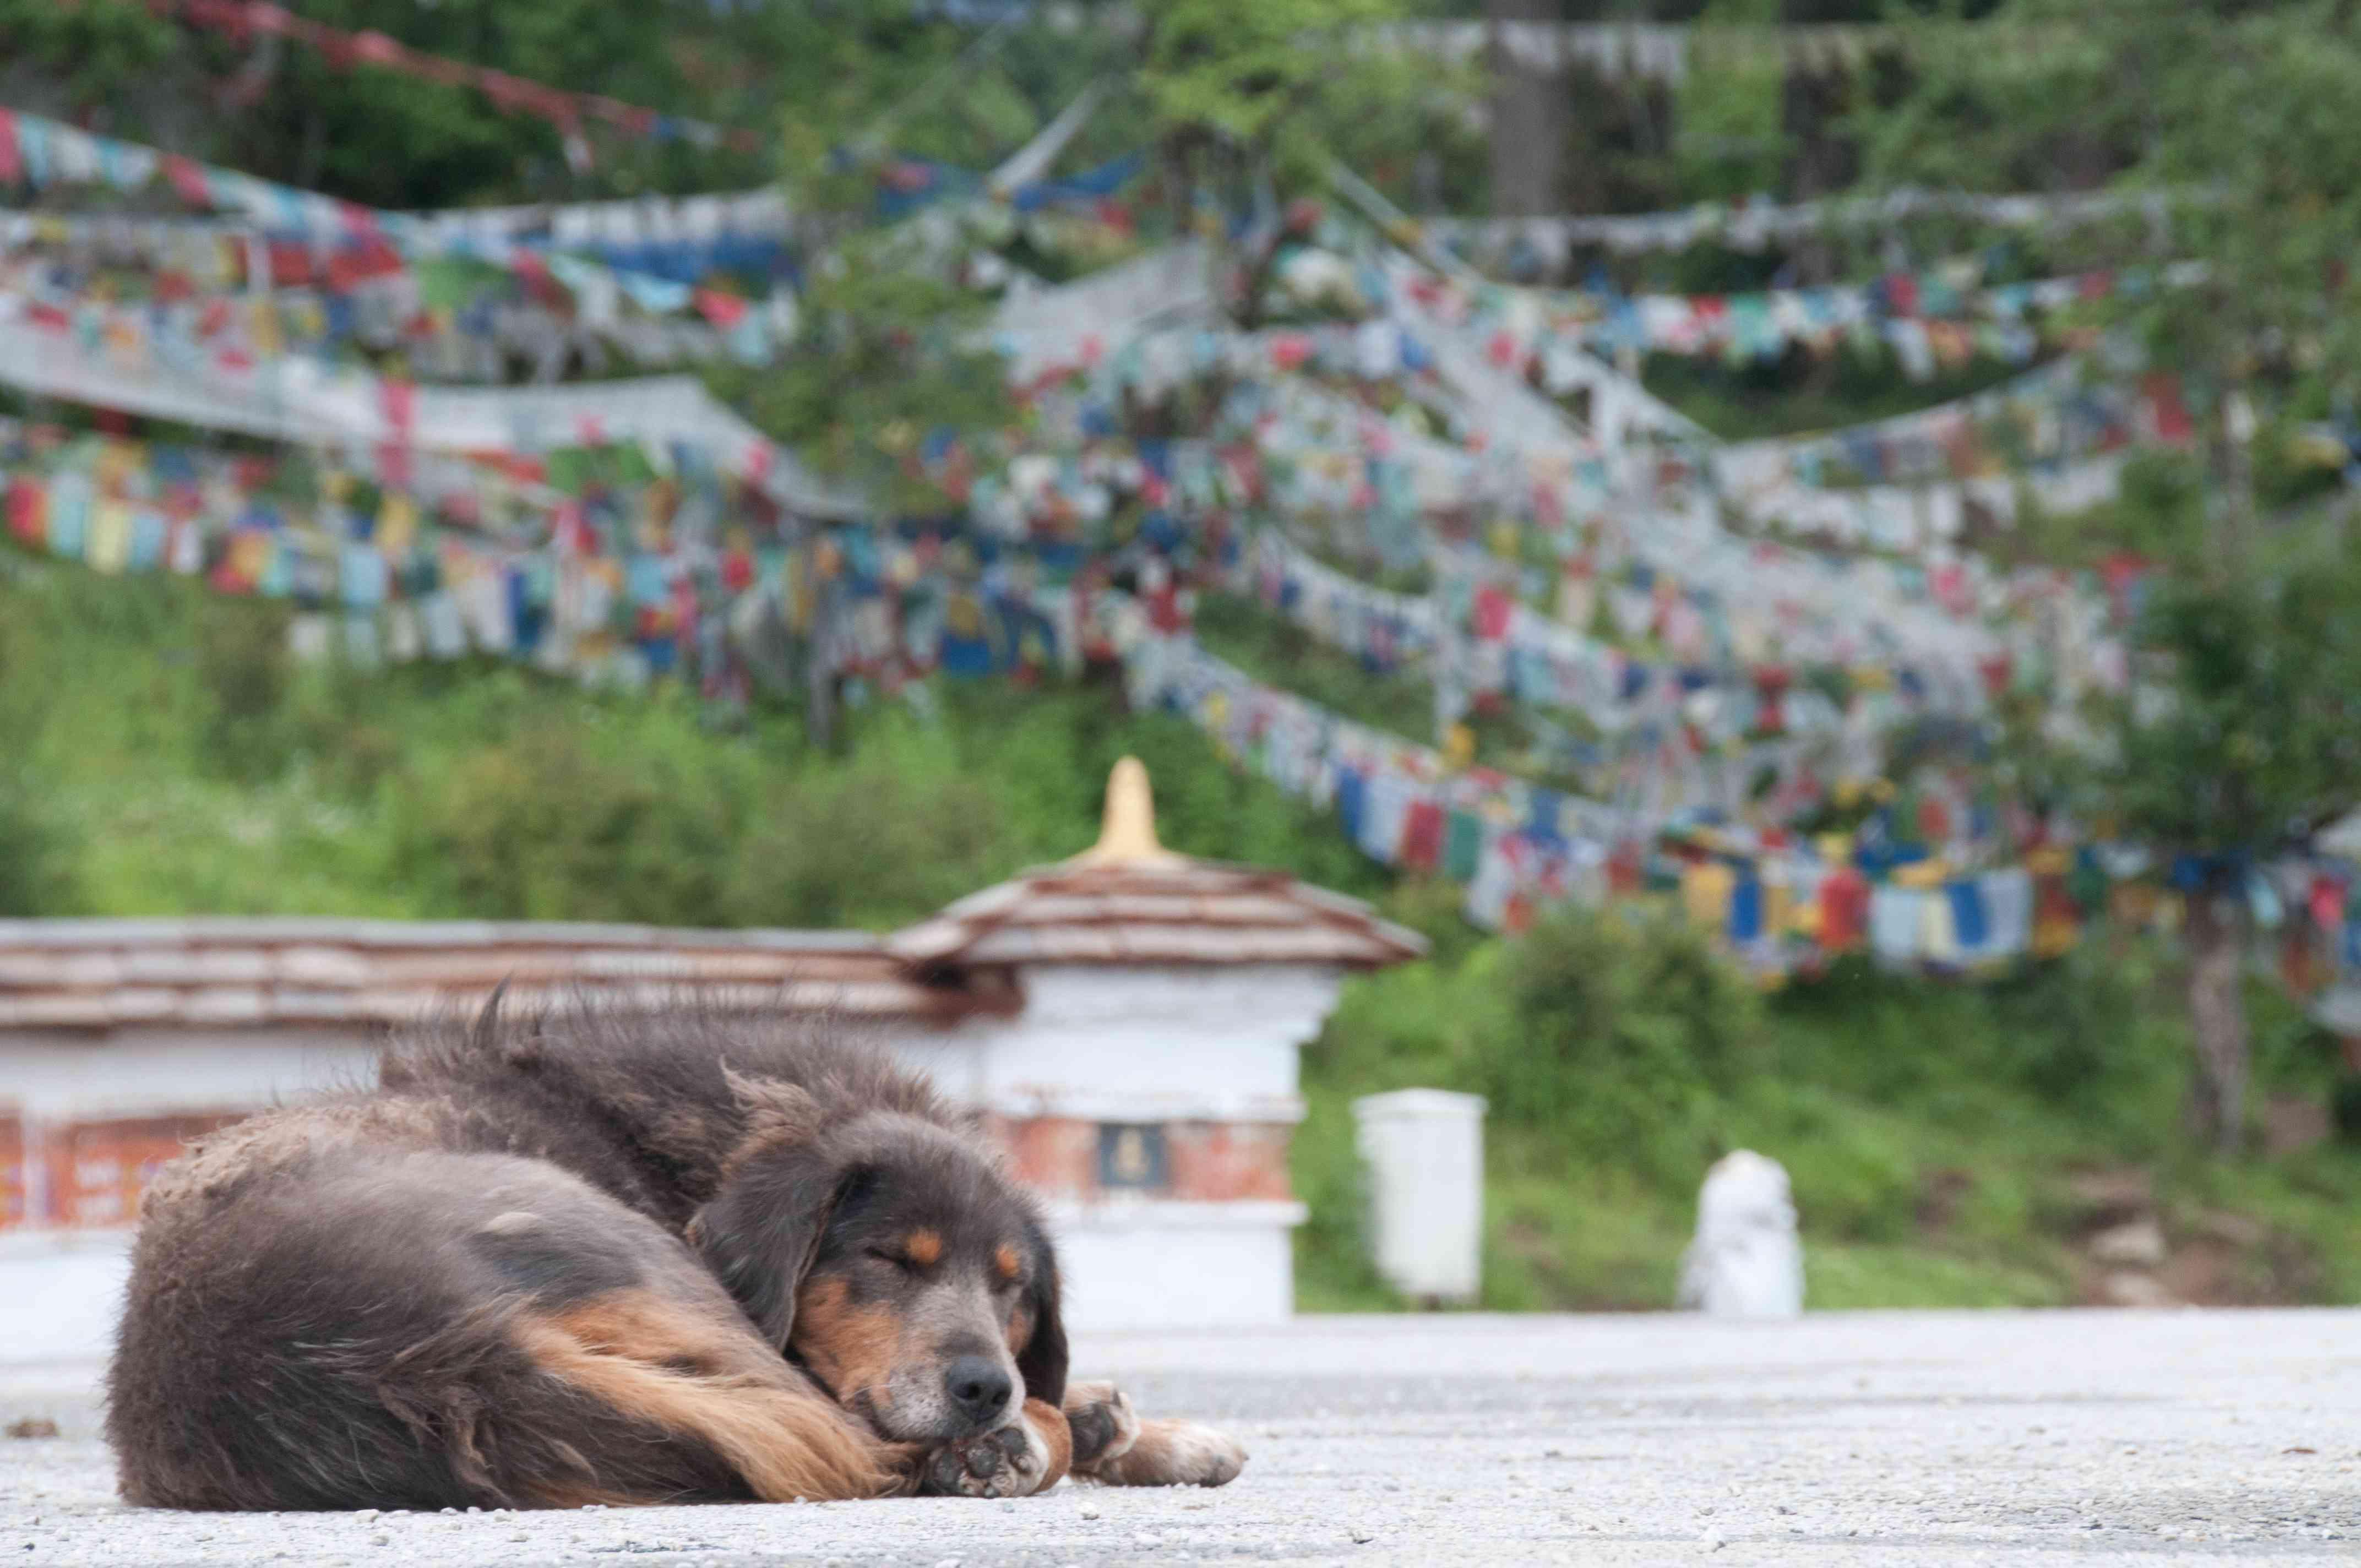 Street dog sleeps in Bhutan